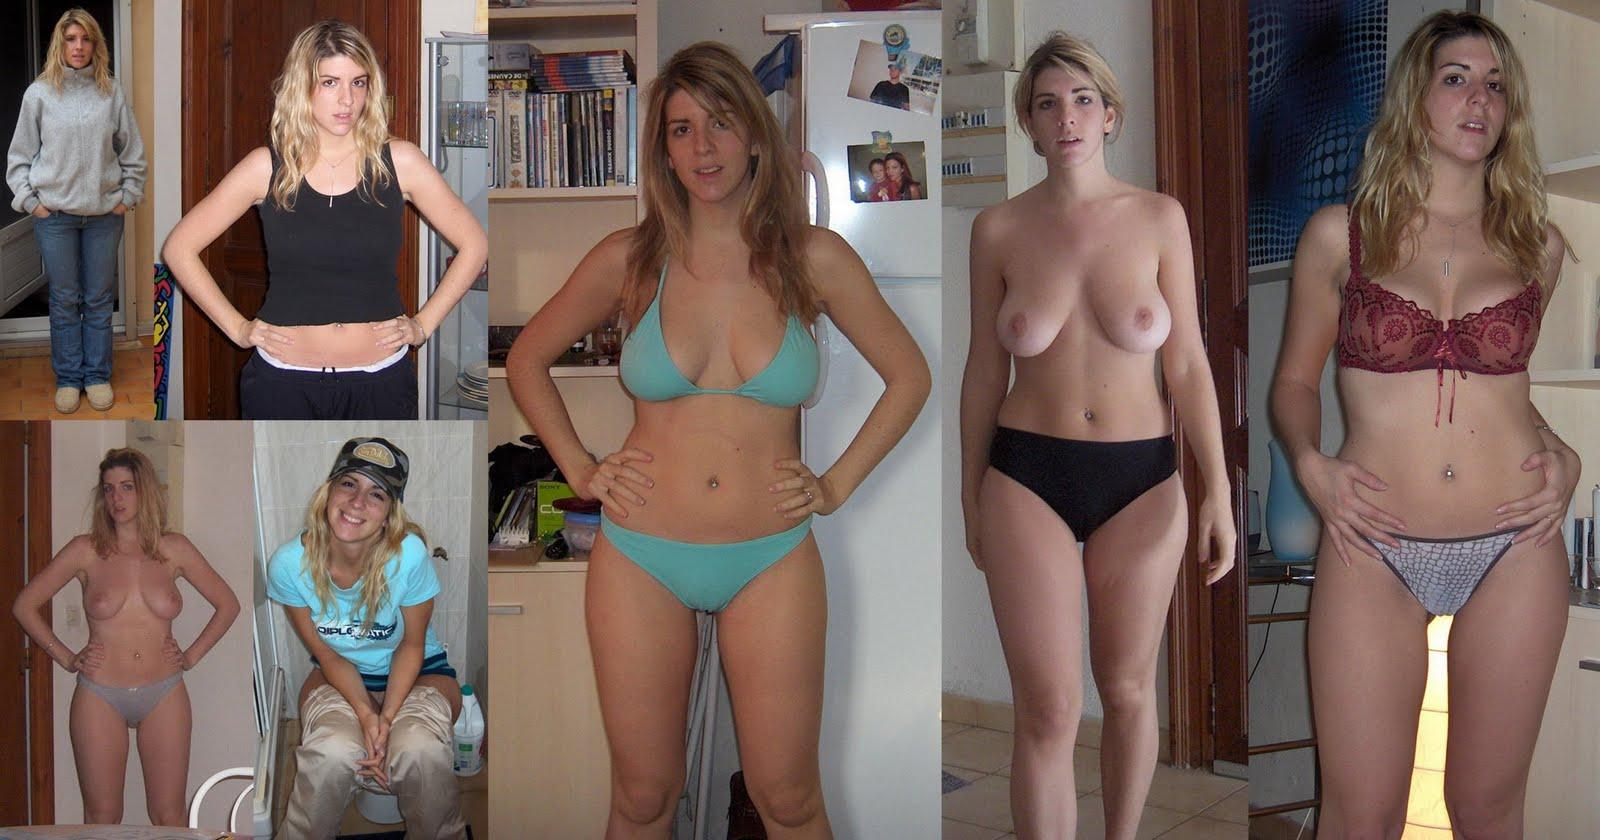 Mujeres solteras con fotos en los estados unidos procuro homem para sexo Bragança-40854